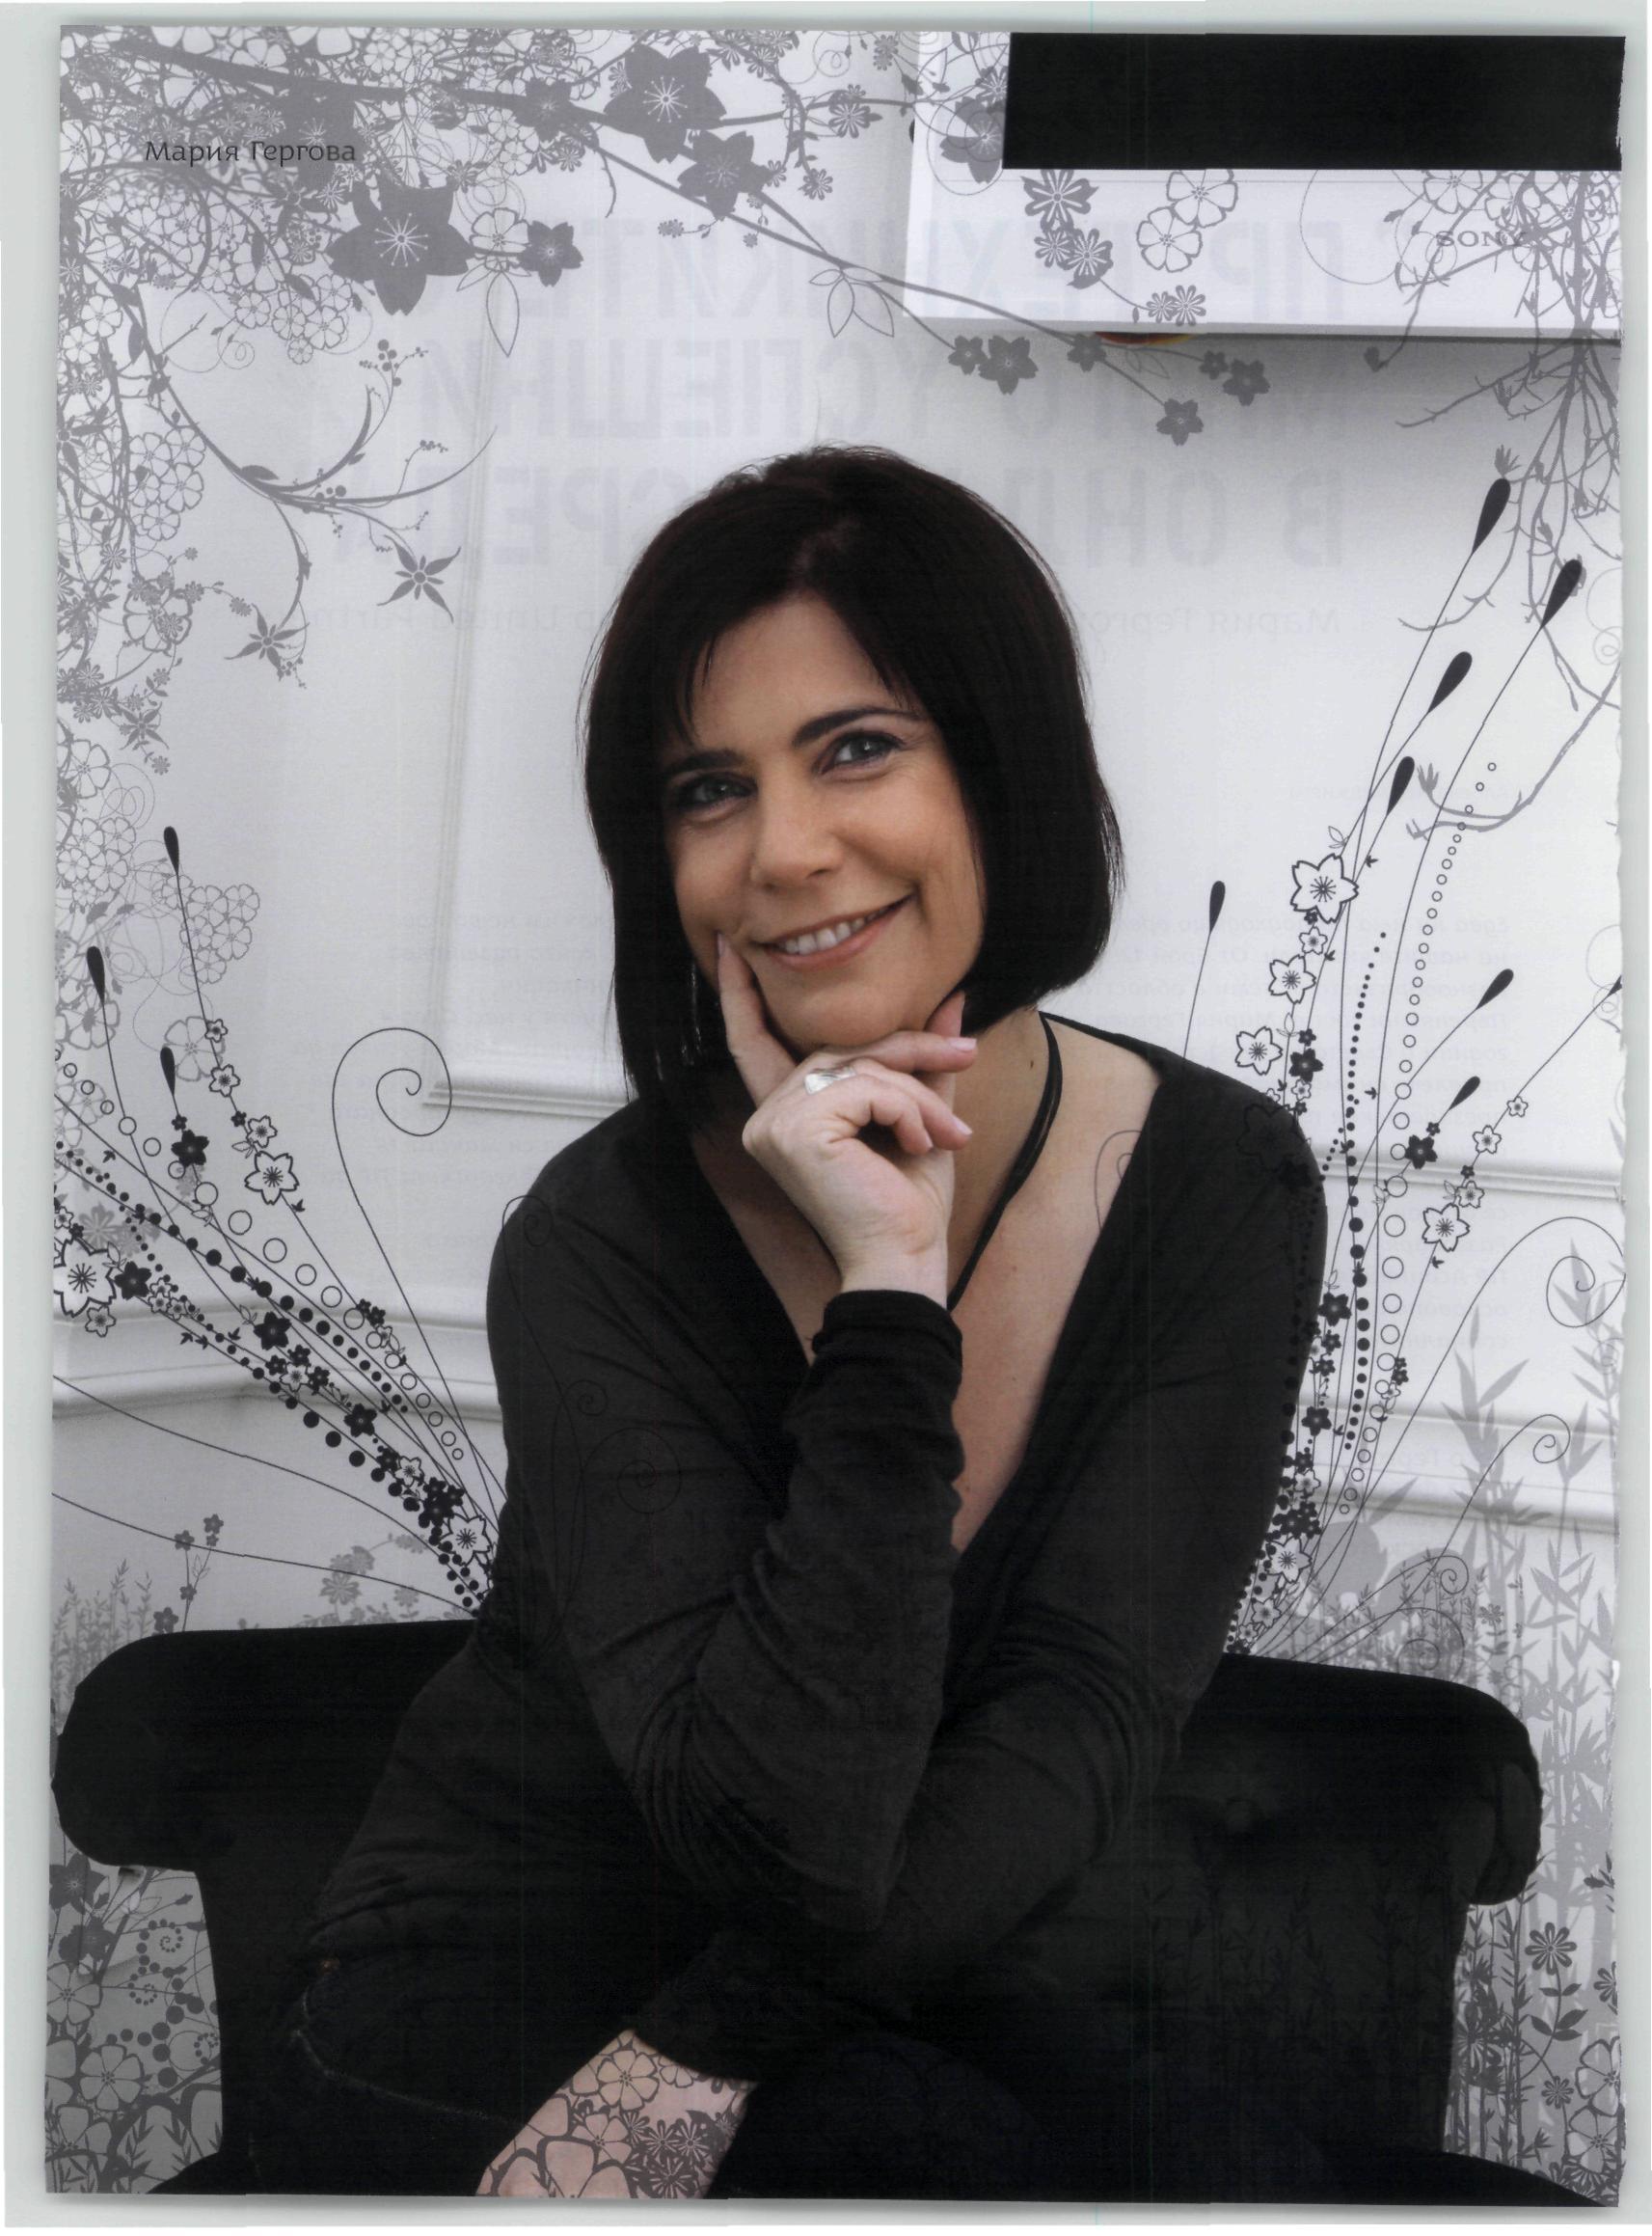 Мария Гергова